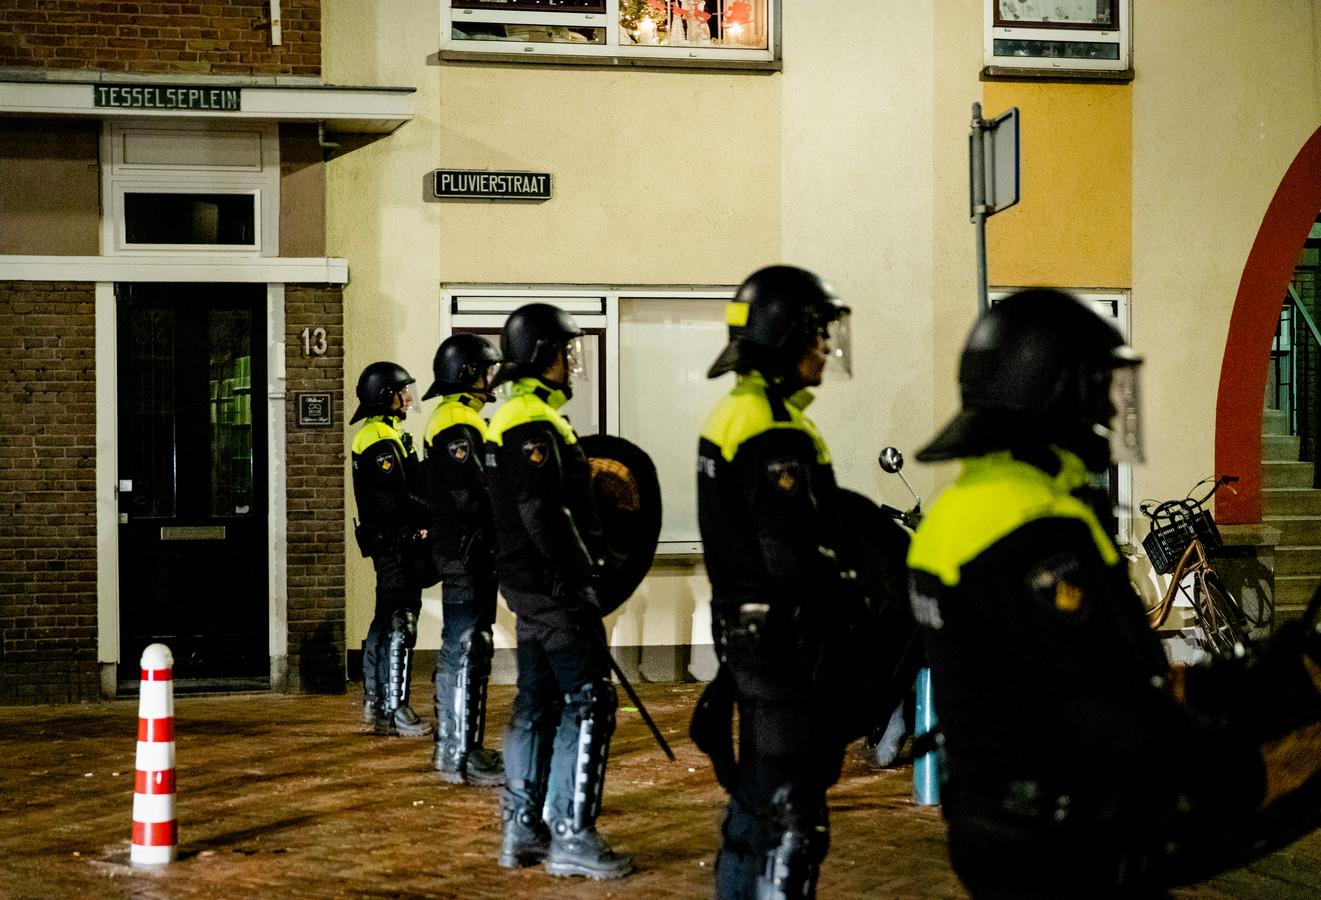 Politie in de wijk Duindorp in Den Haag.